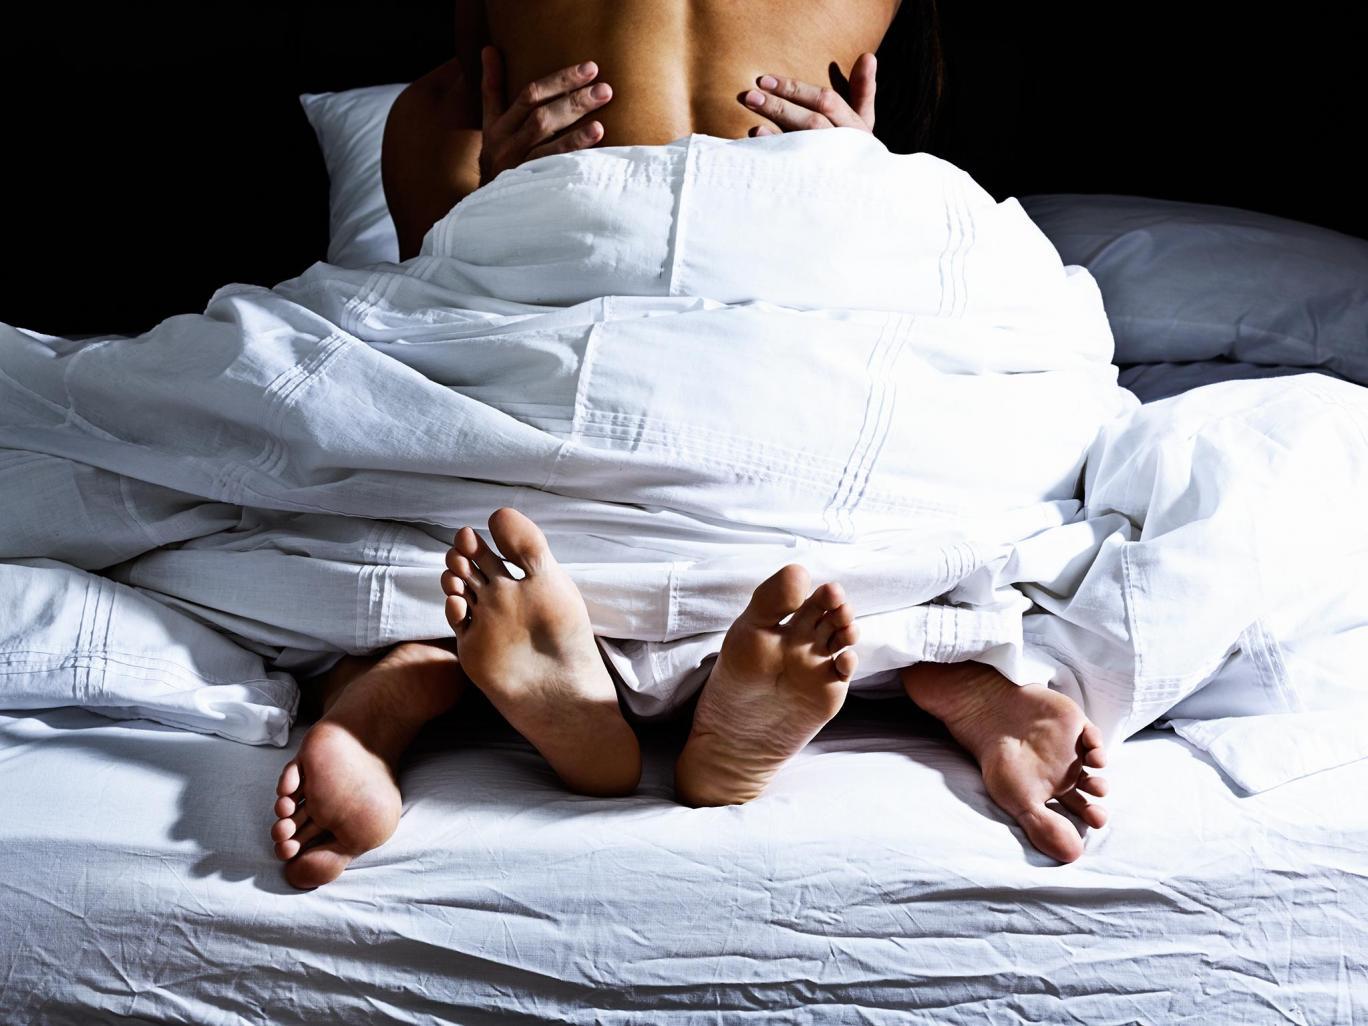 секс, порно, минет, анал, оральный секс